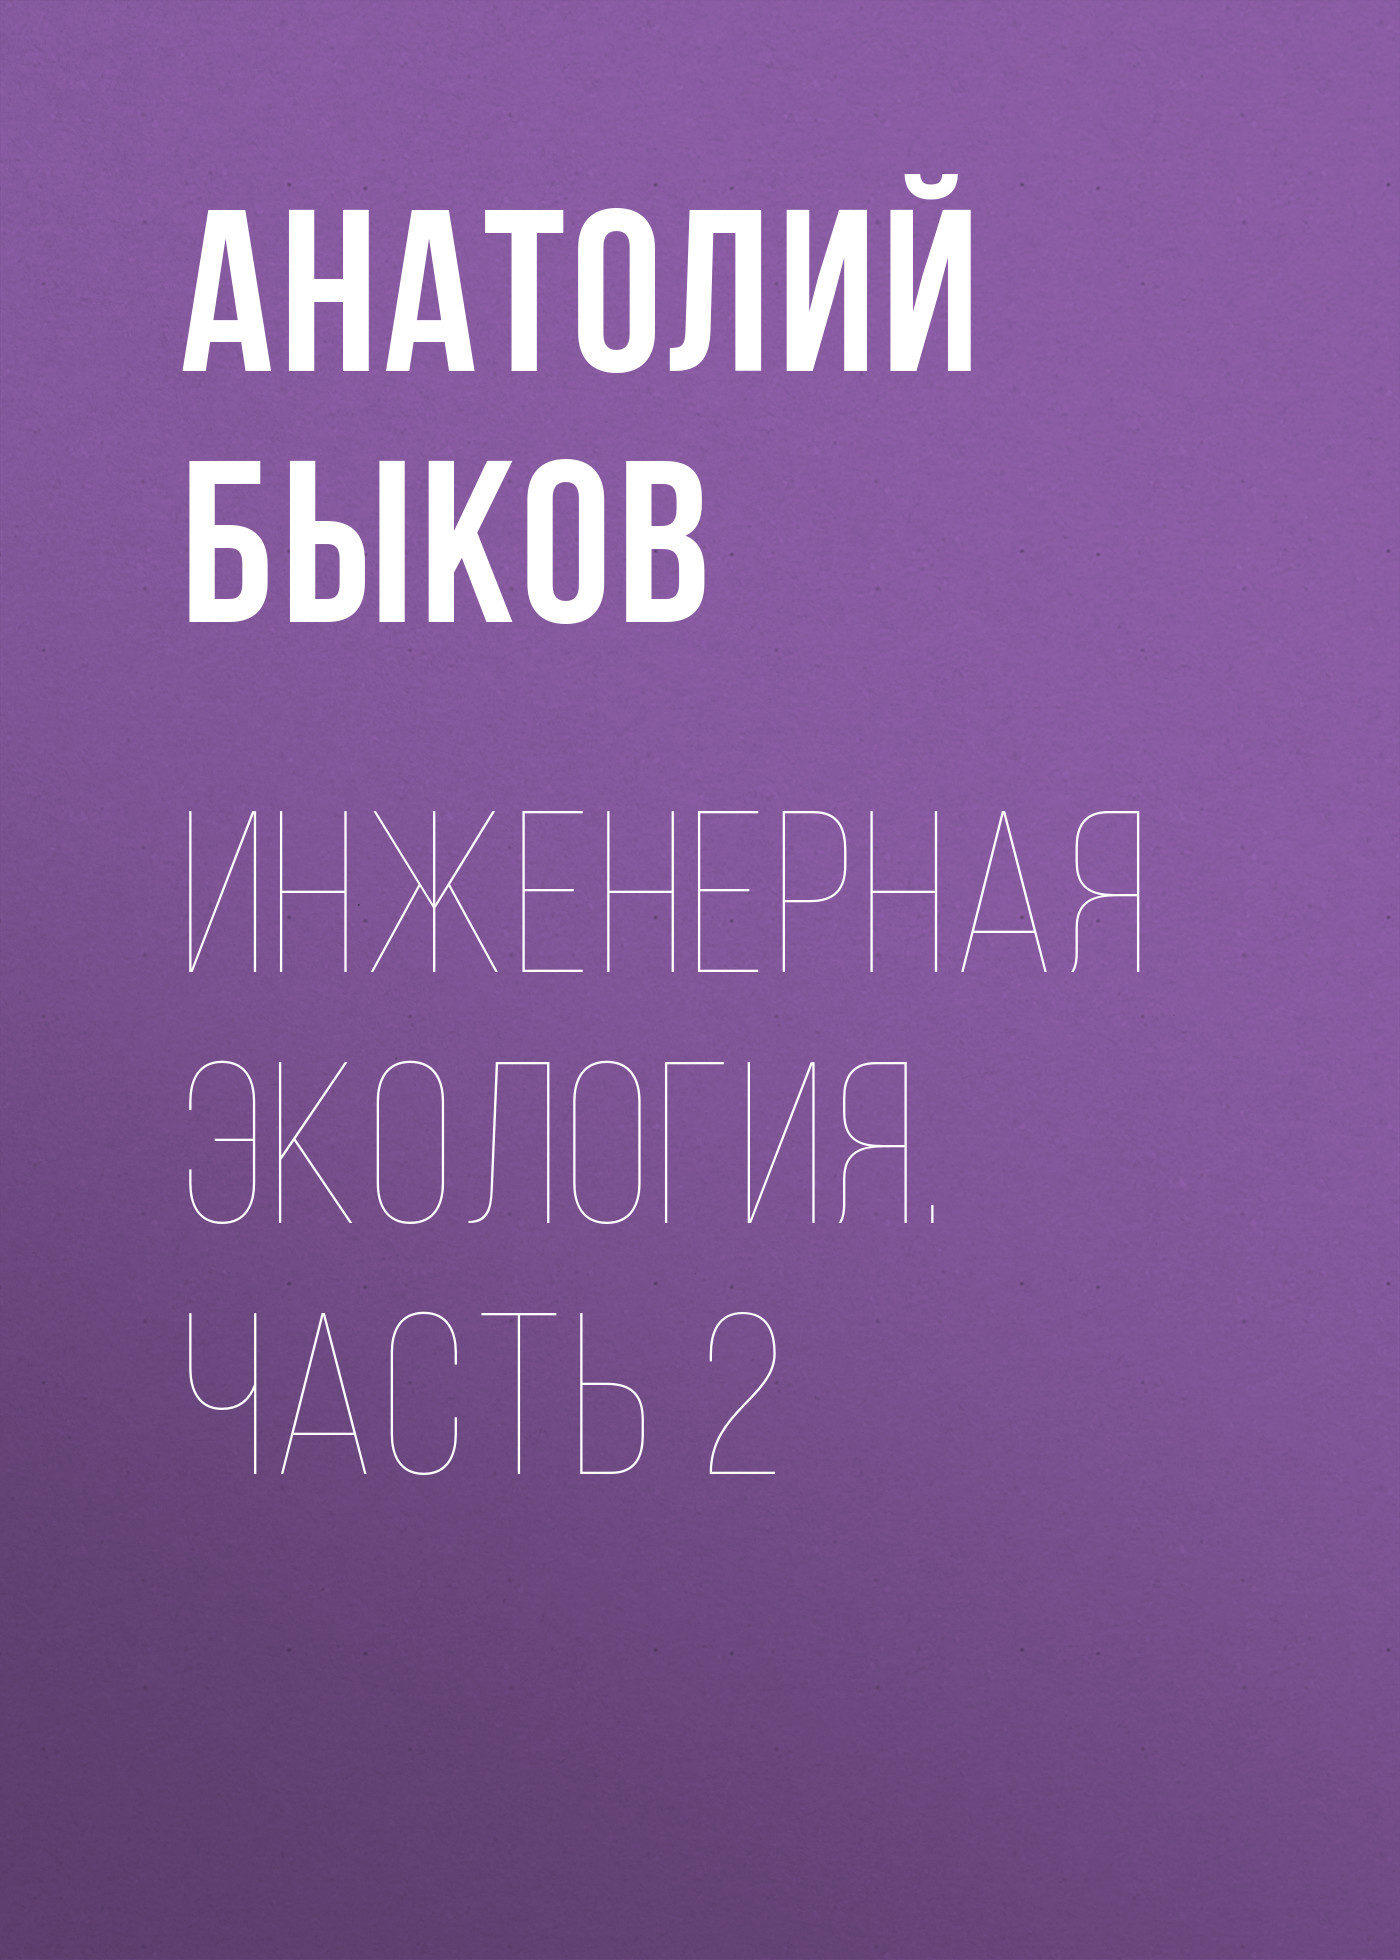 Анатолий Быков Инженерная экология. Часть 2 языковые основы русской ментальности учебное пособие